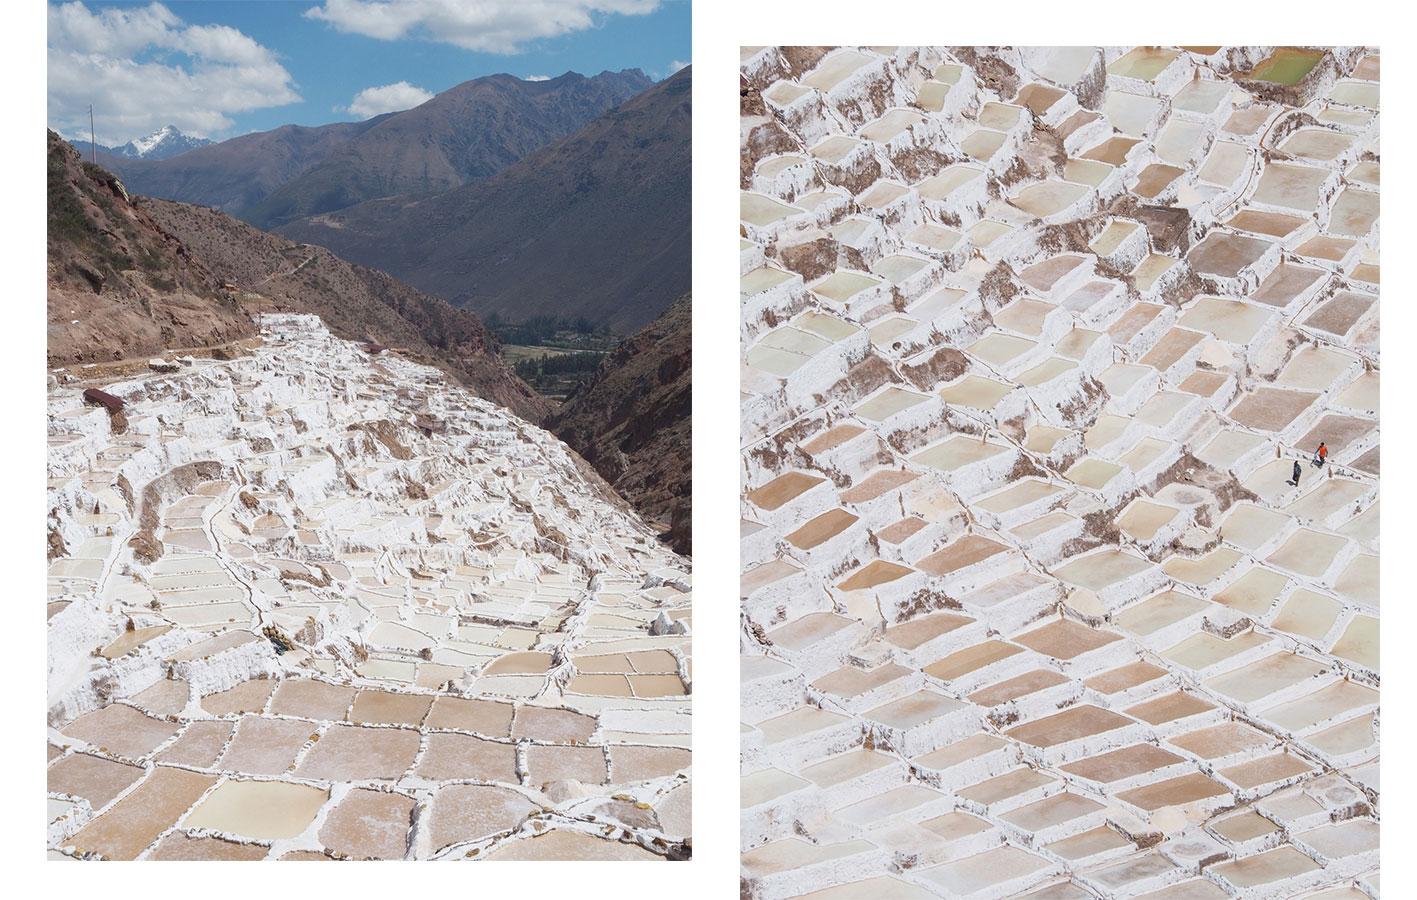 peru maras salzterrassen - Sehenswürdigkeiten & Reisetipps für das heilige Tal der Inka in Peru